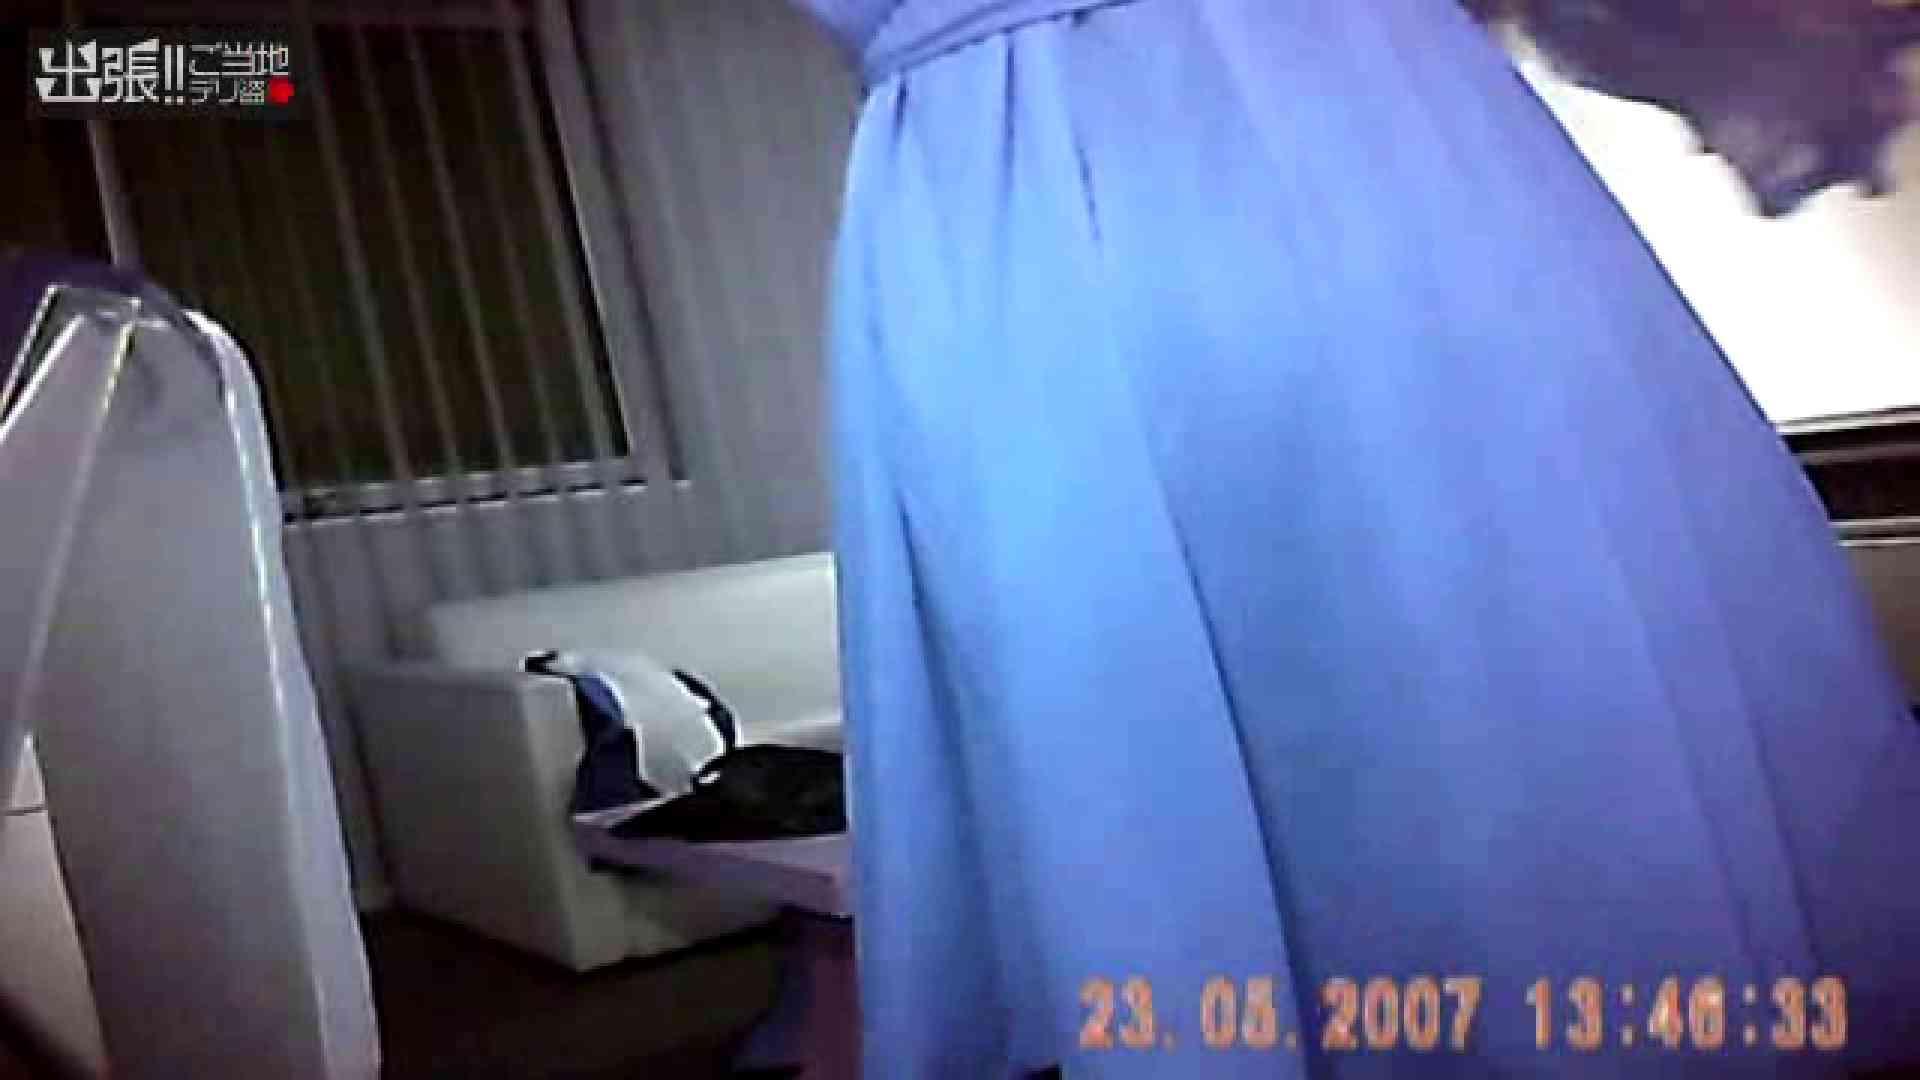 出張リーマンのデリ嬢隠し撮り第3弾vol.4 盗撮 | 投稿  111pic 21